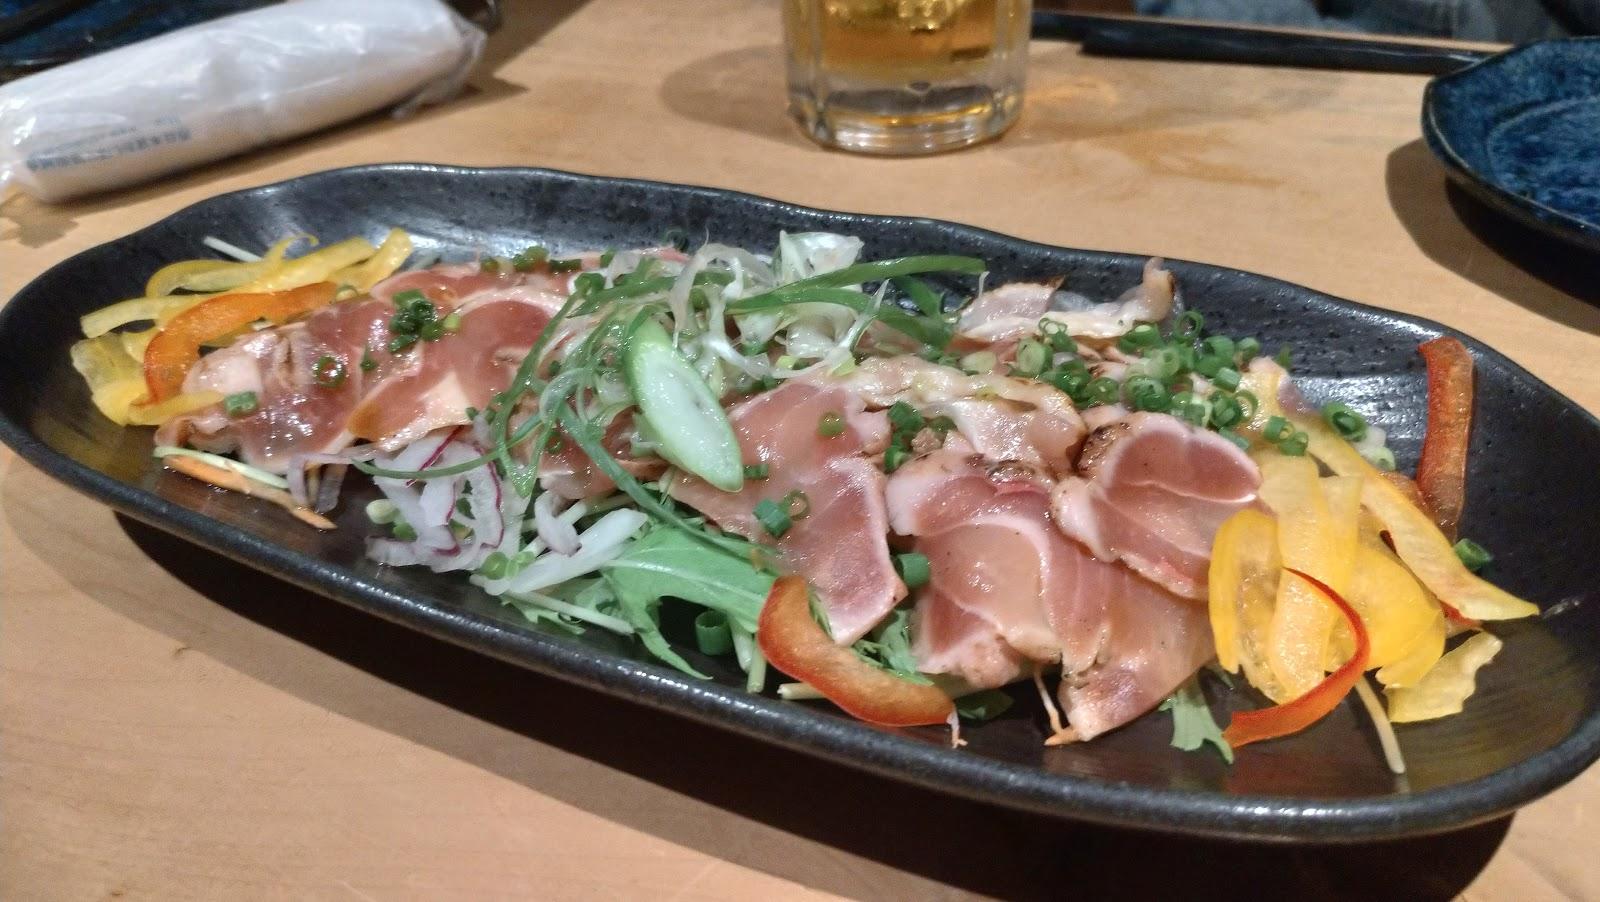 長崎駅前の美味しいおすすめ居酒屋をご案内します!魚河岸がれーじ駅前店 たたき